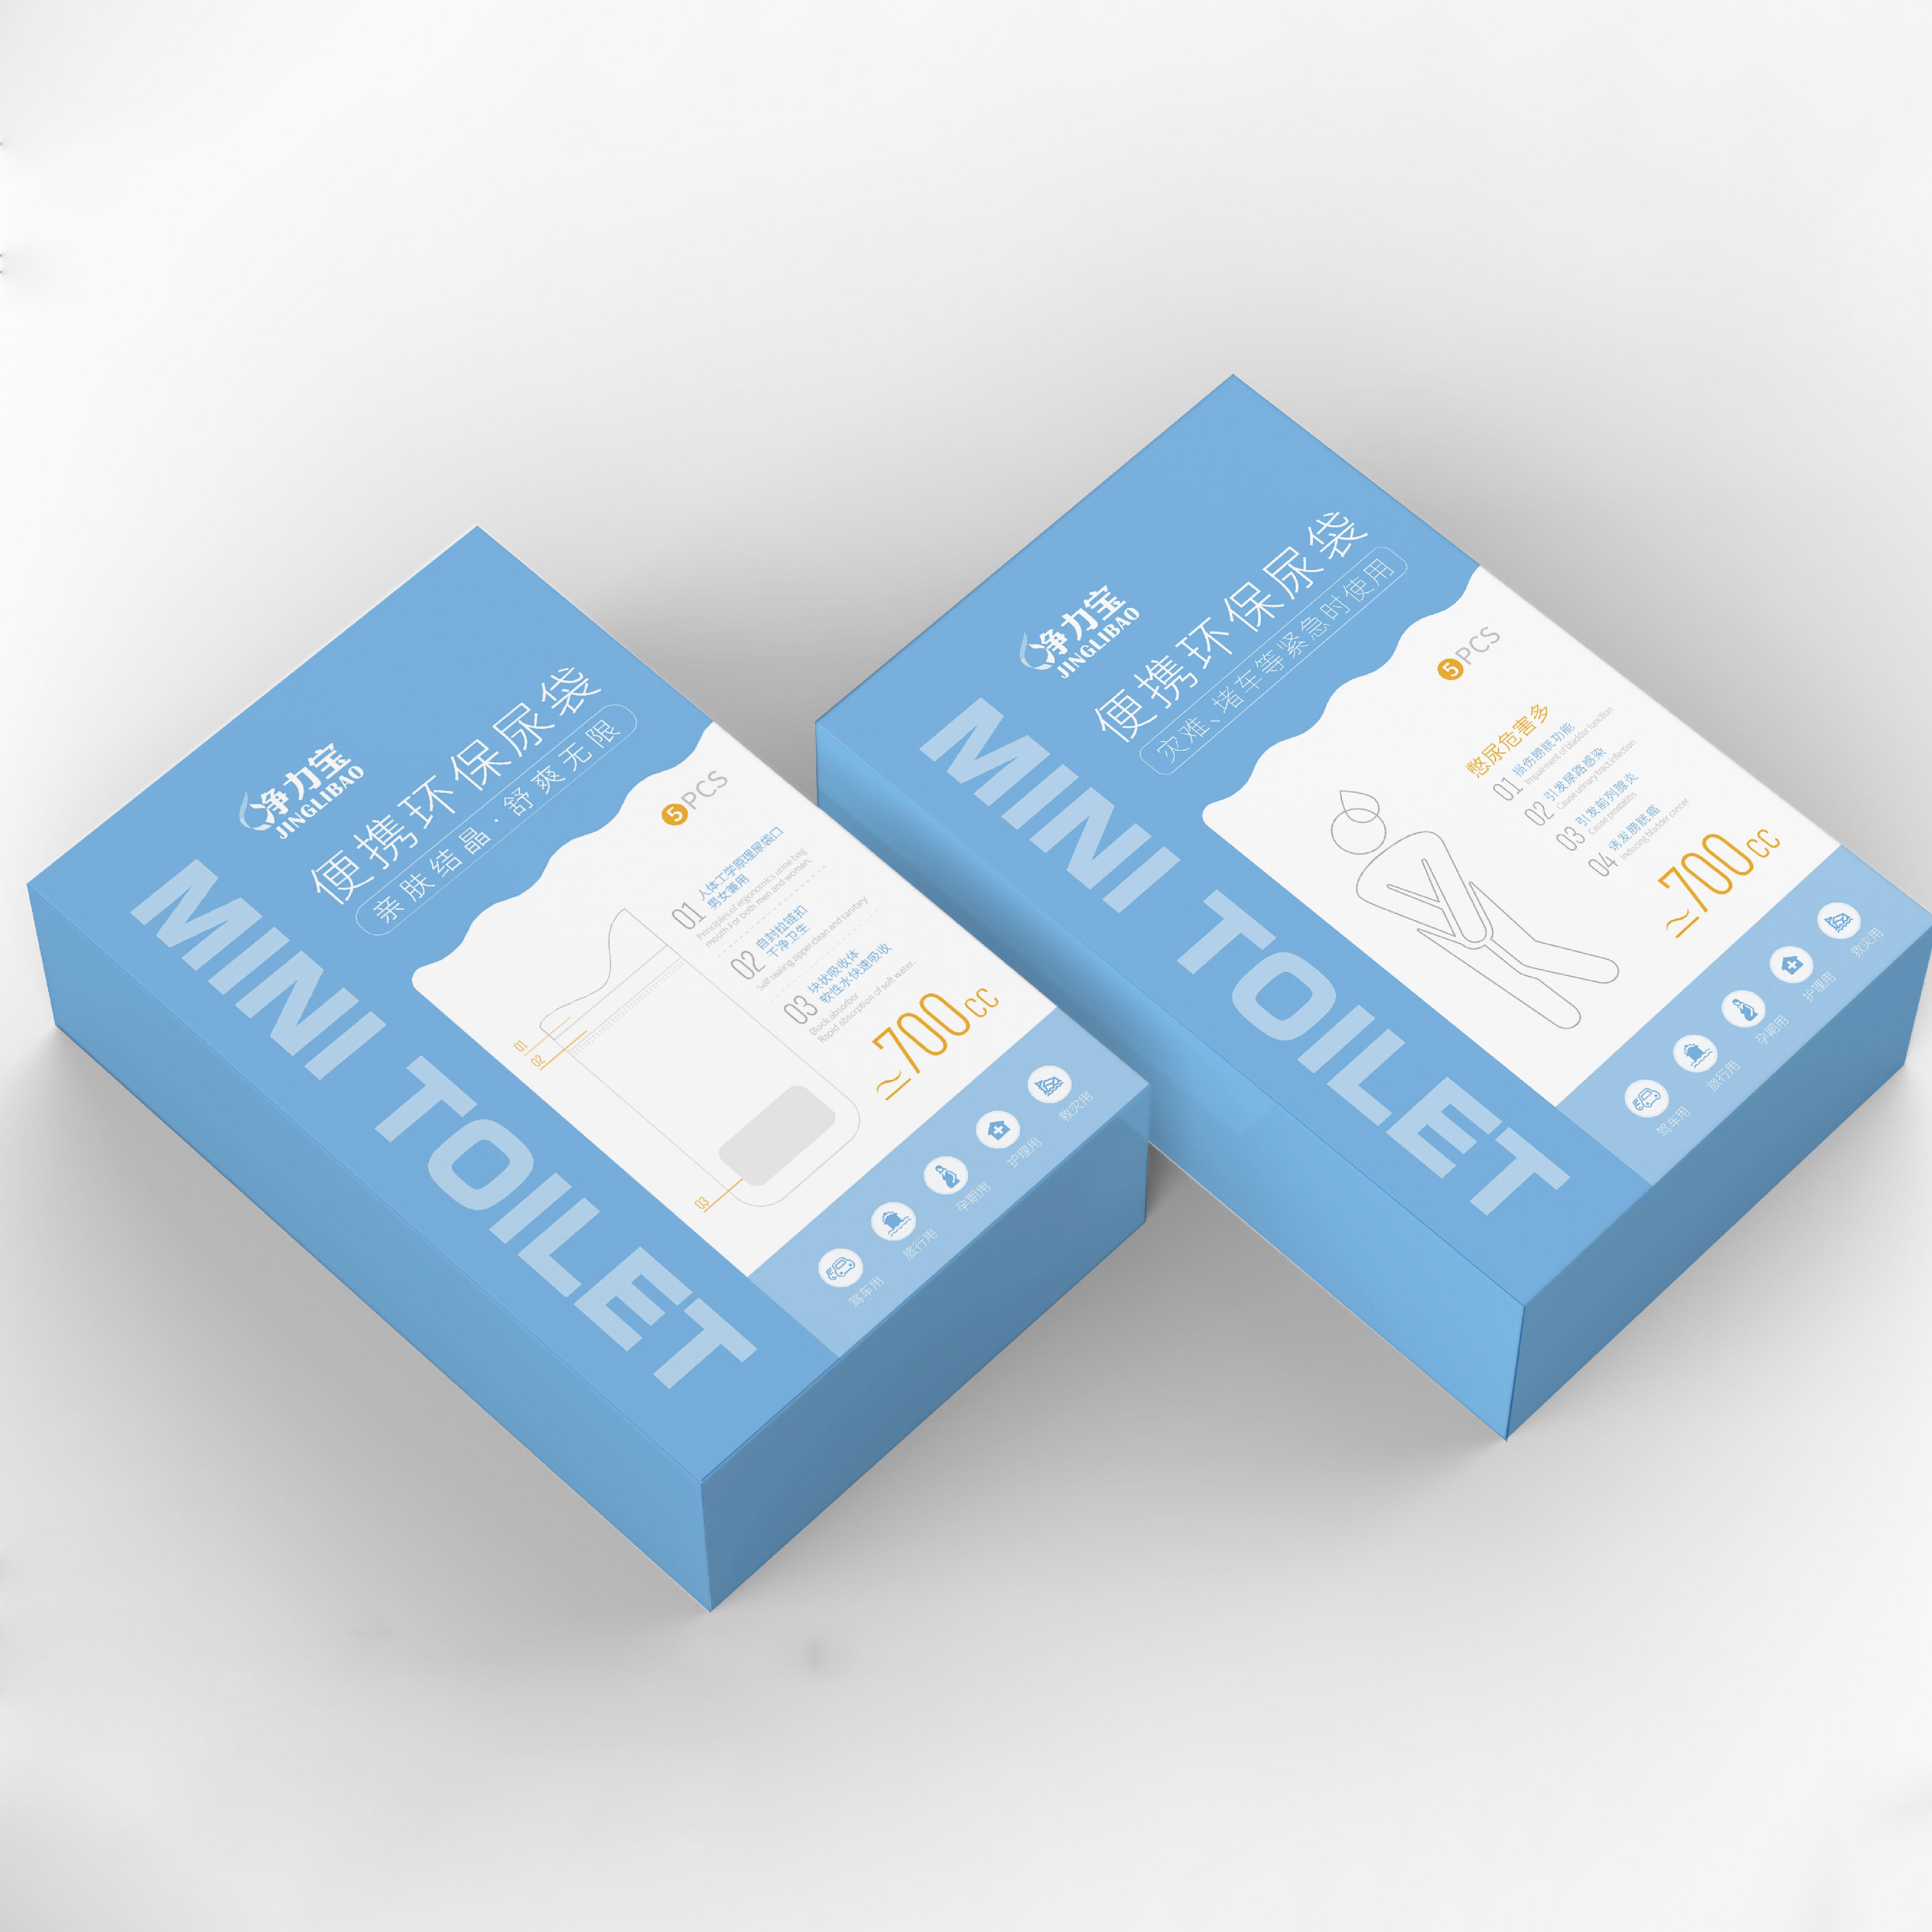 净力宝便携环保包装盒设计